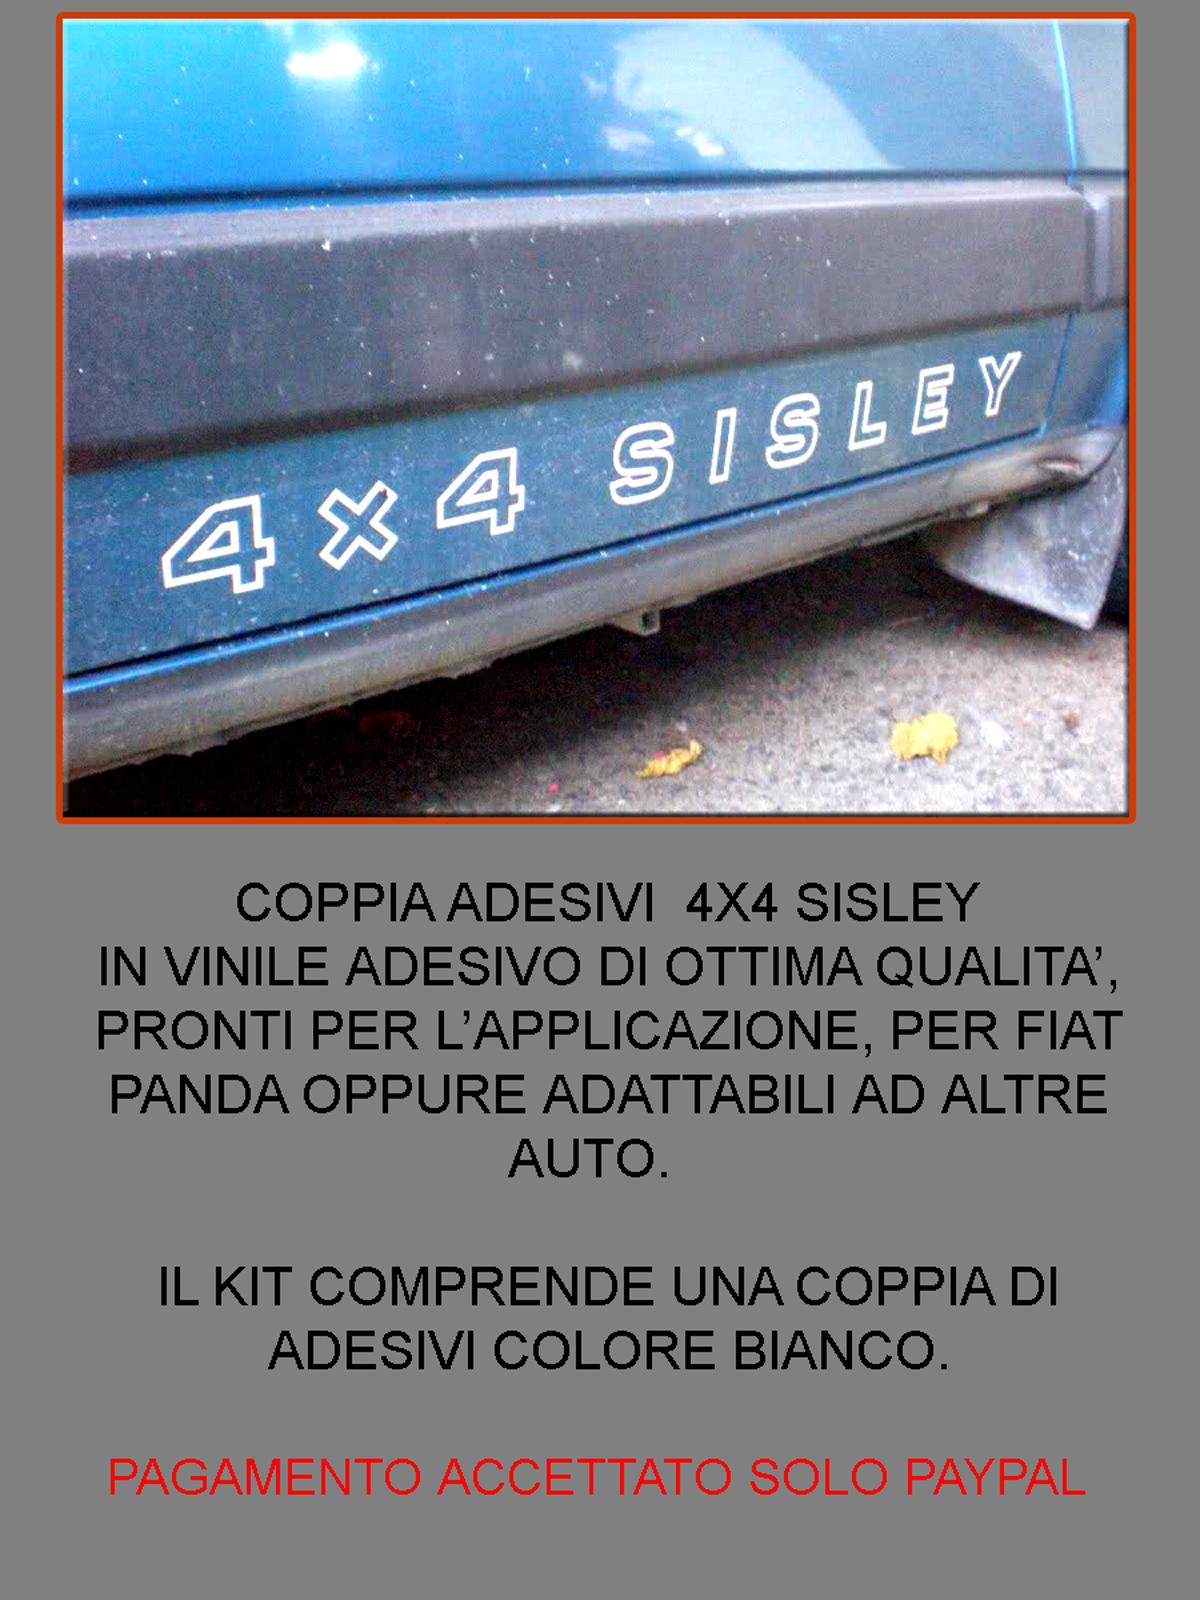 FIAT PANDA 4X4 ADESIVI SISLEY